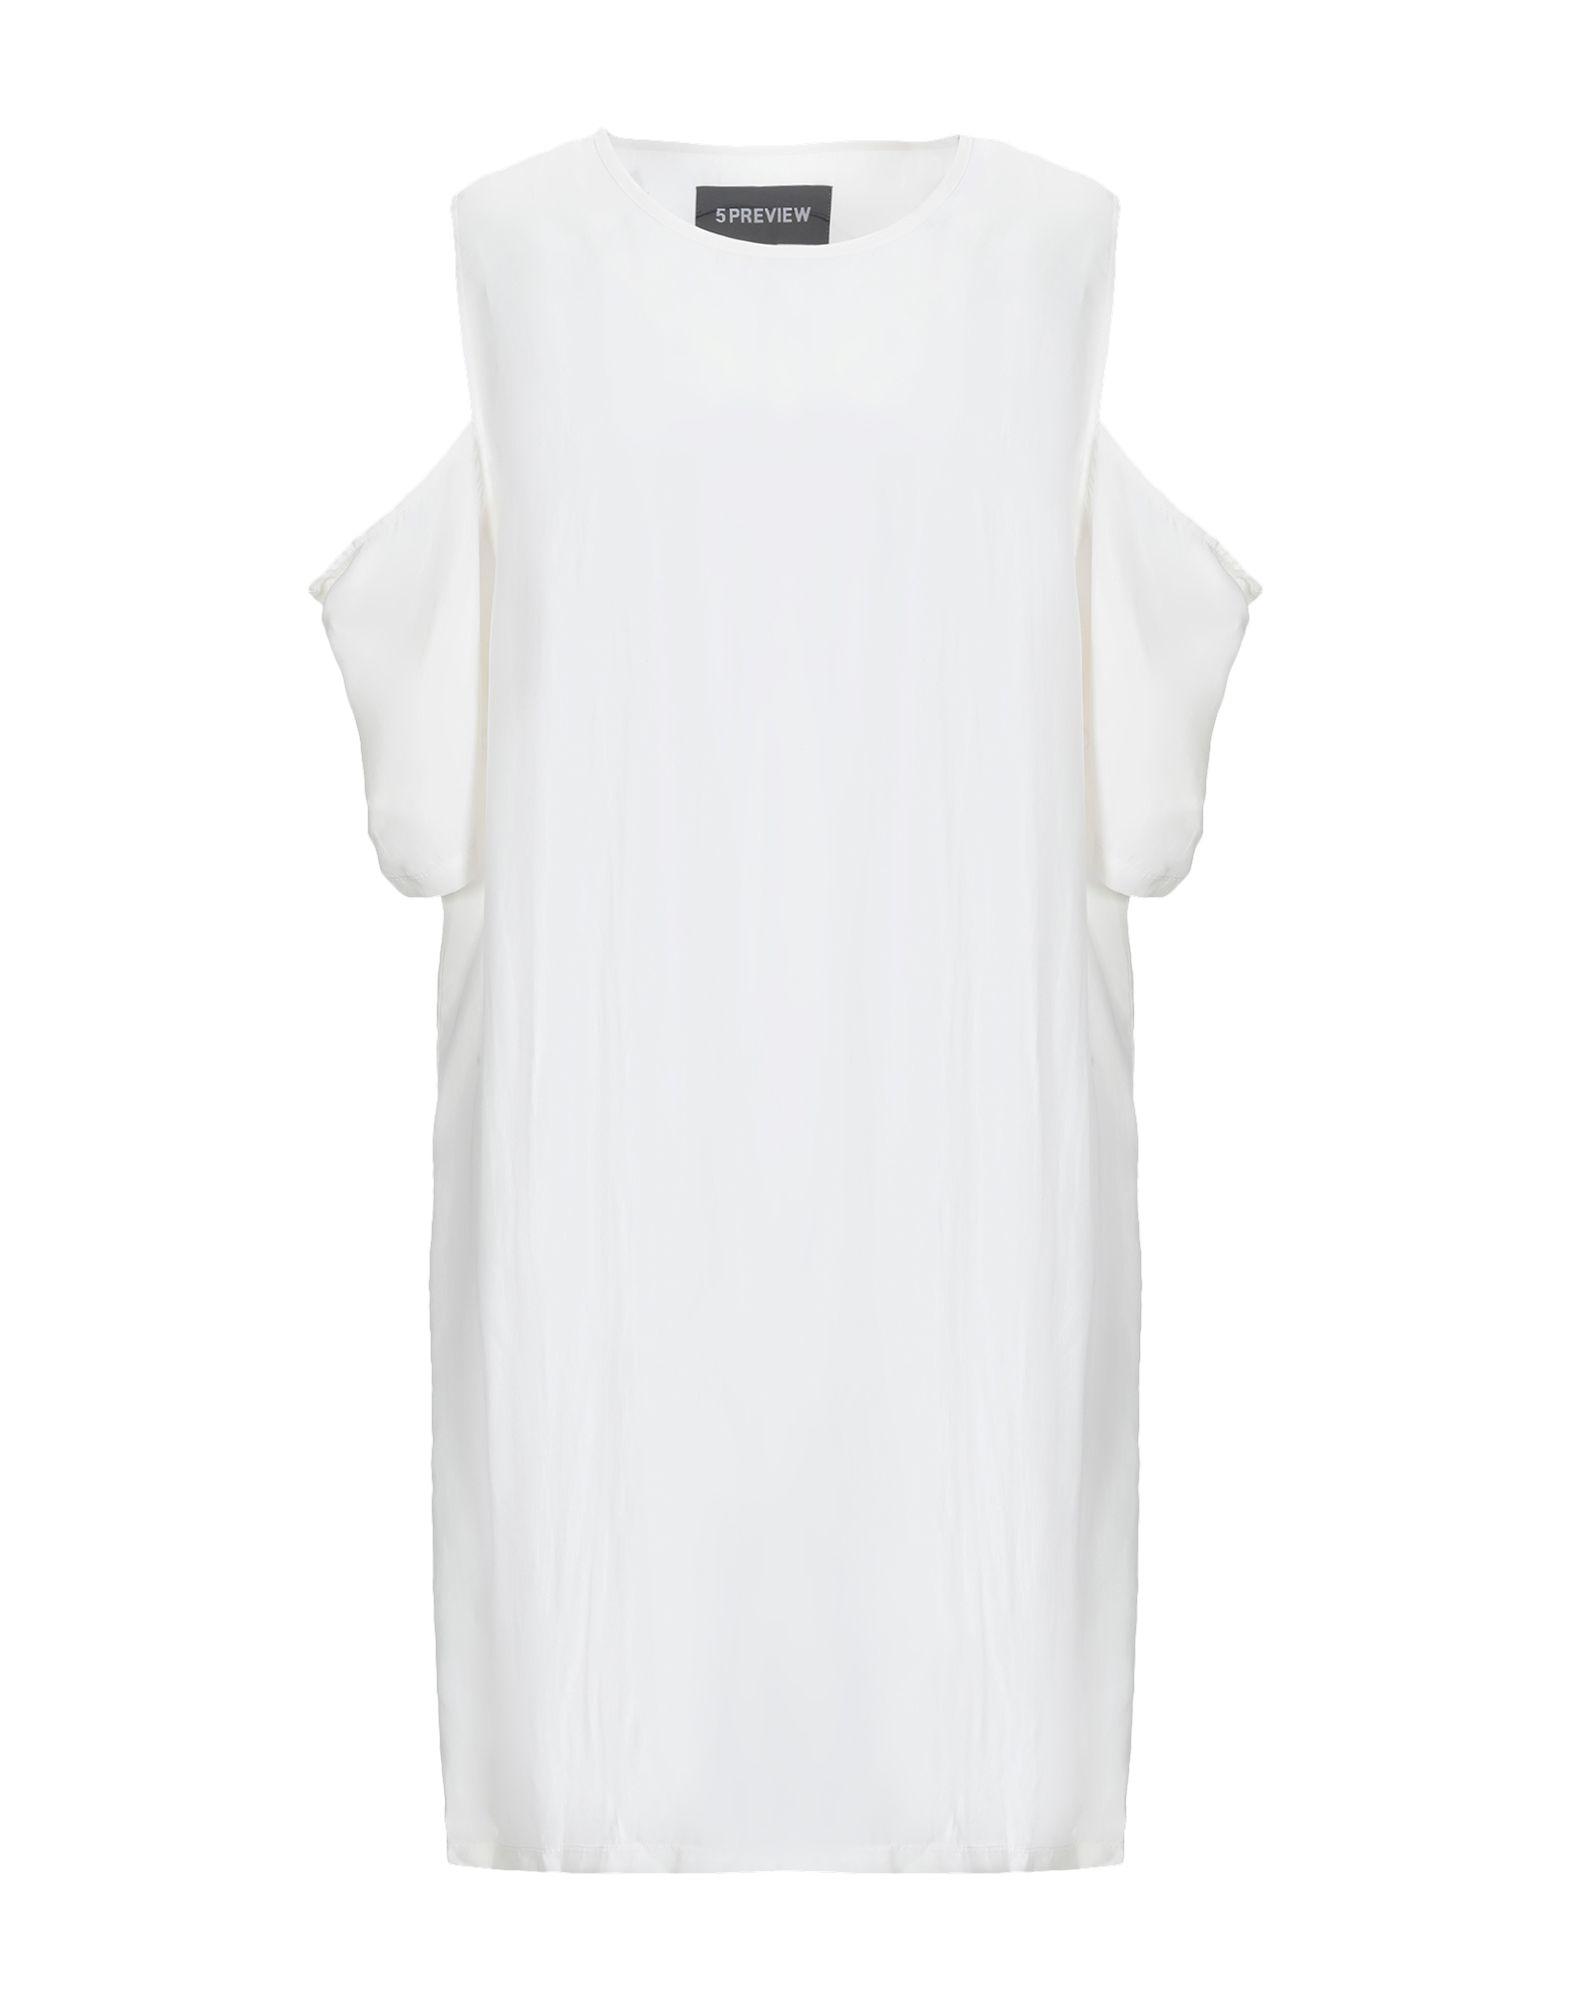 5PREVIEW Короткое платье